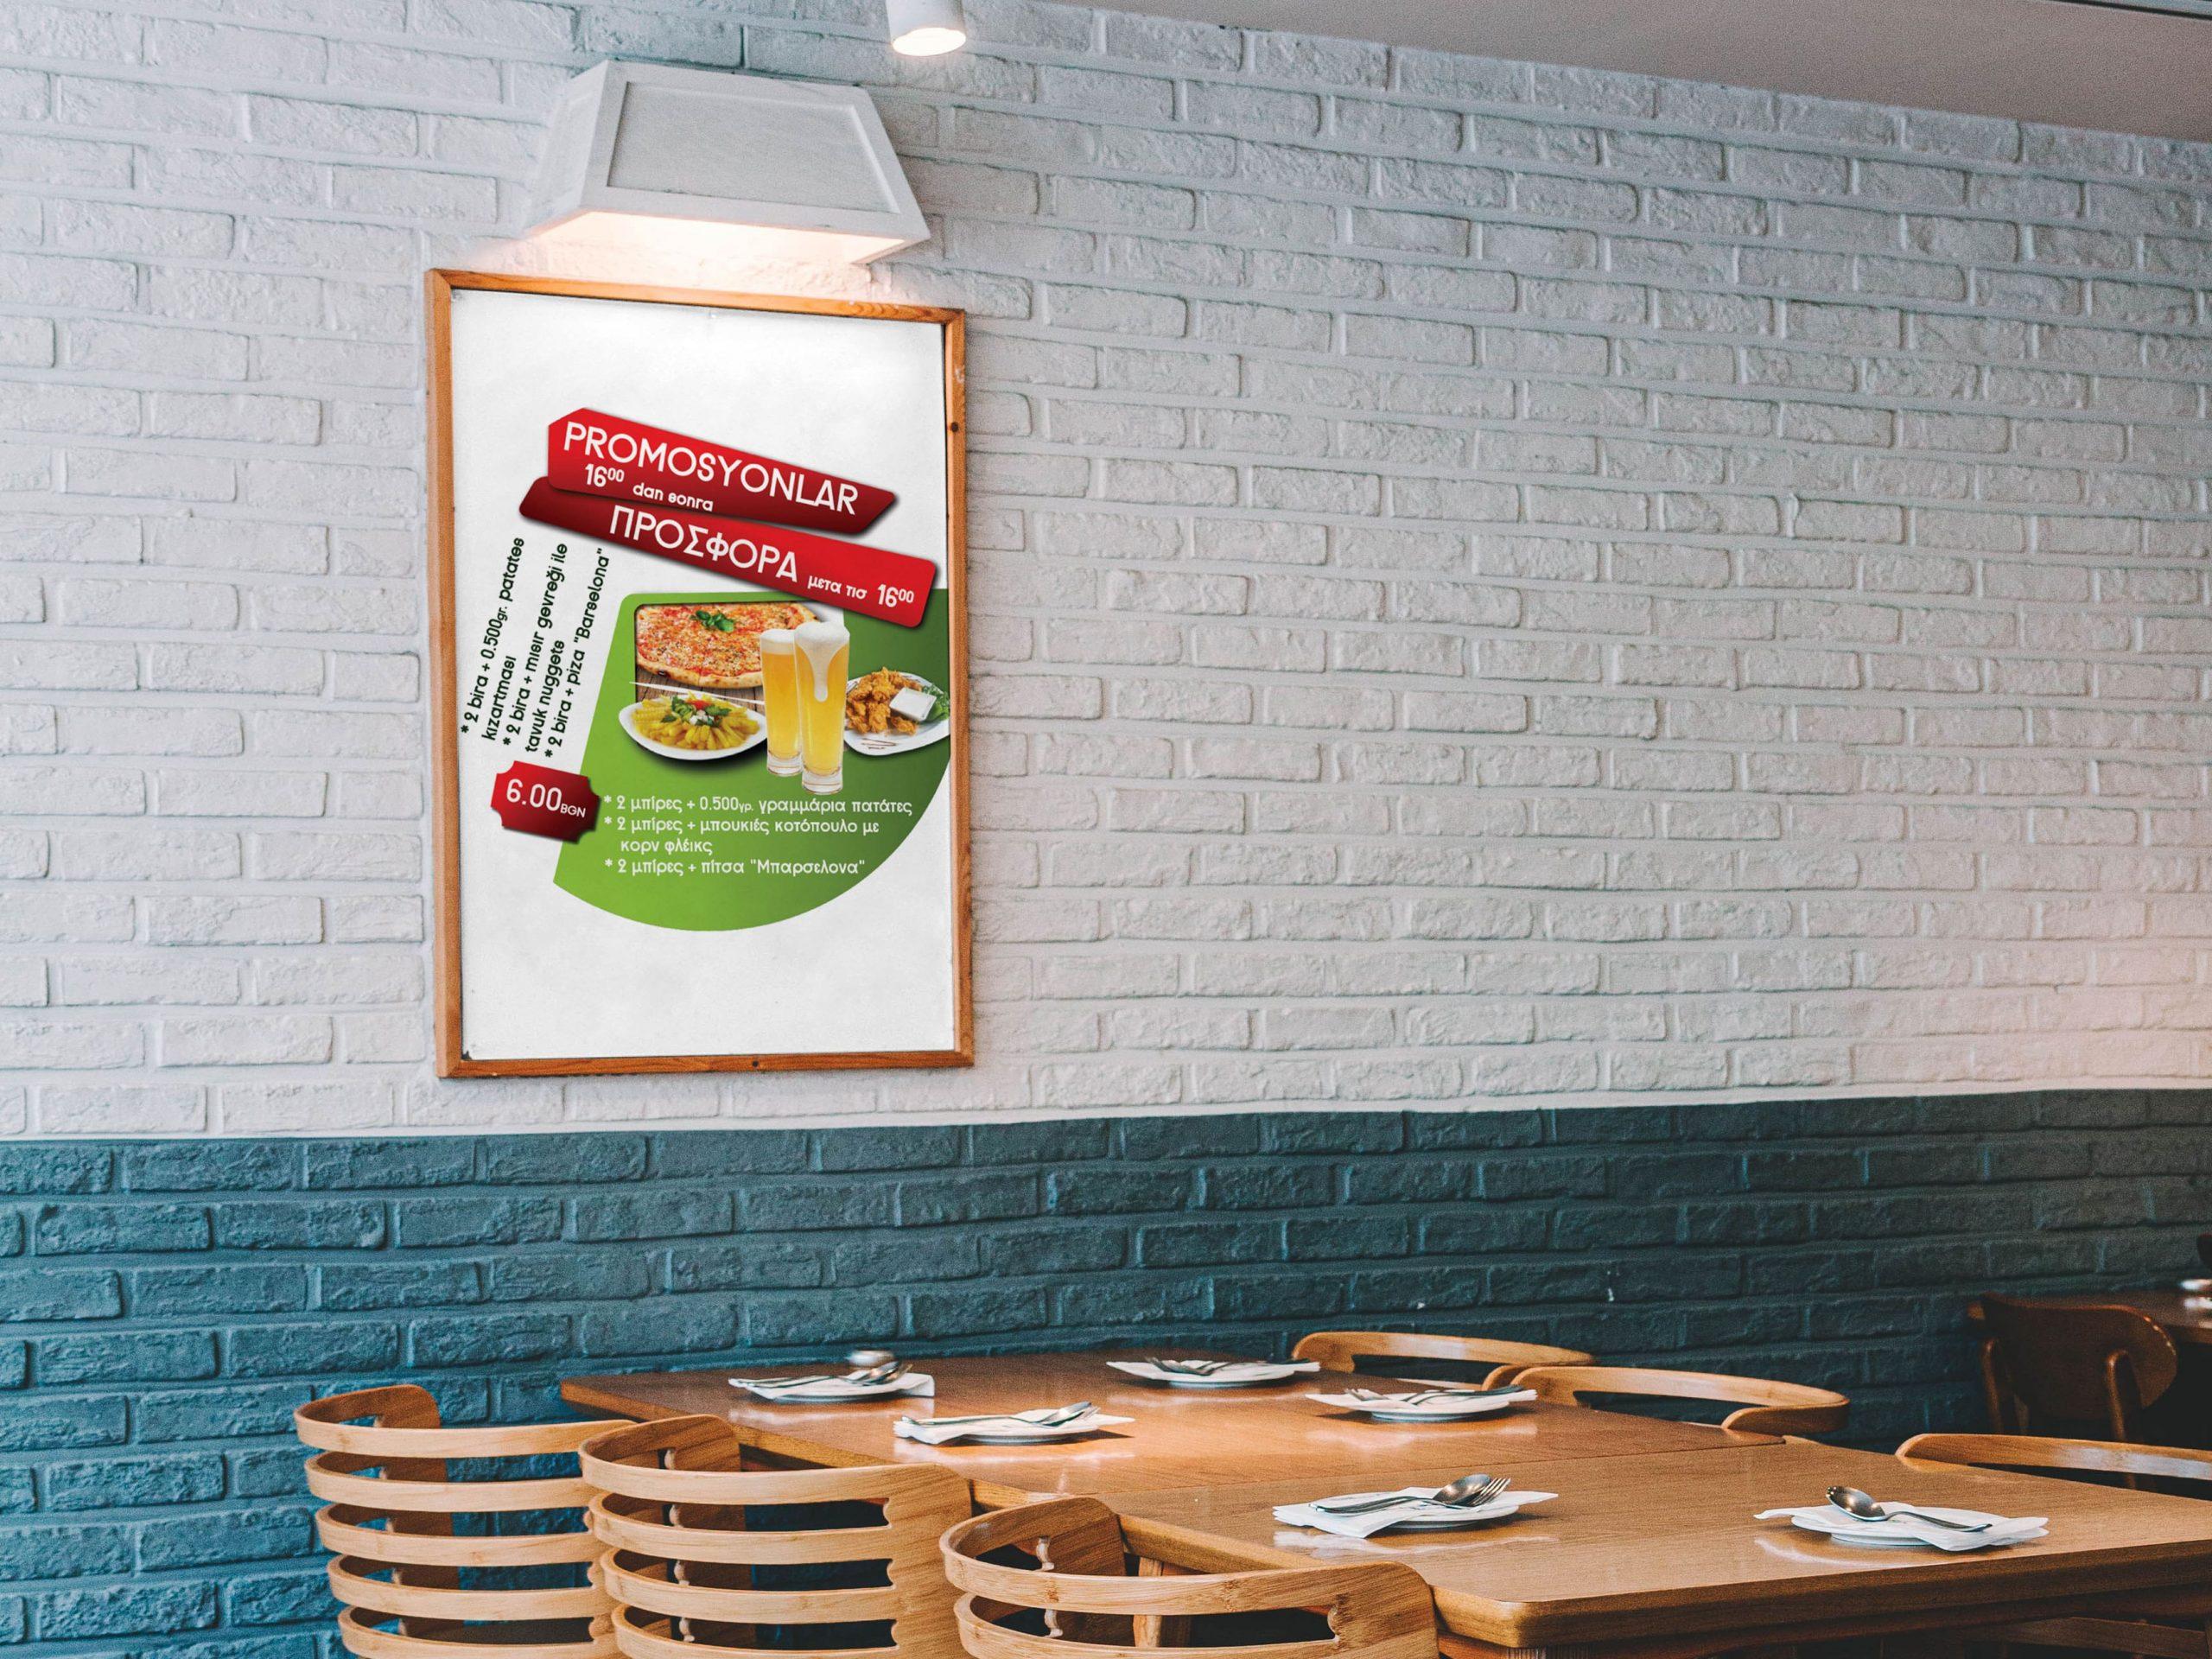 Wall-Framed-Restaurant-Menu- food- promotion DESIGN